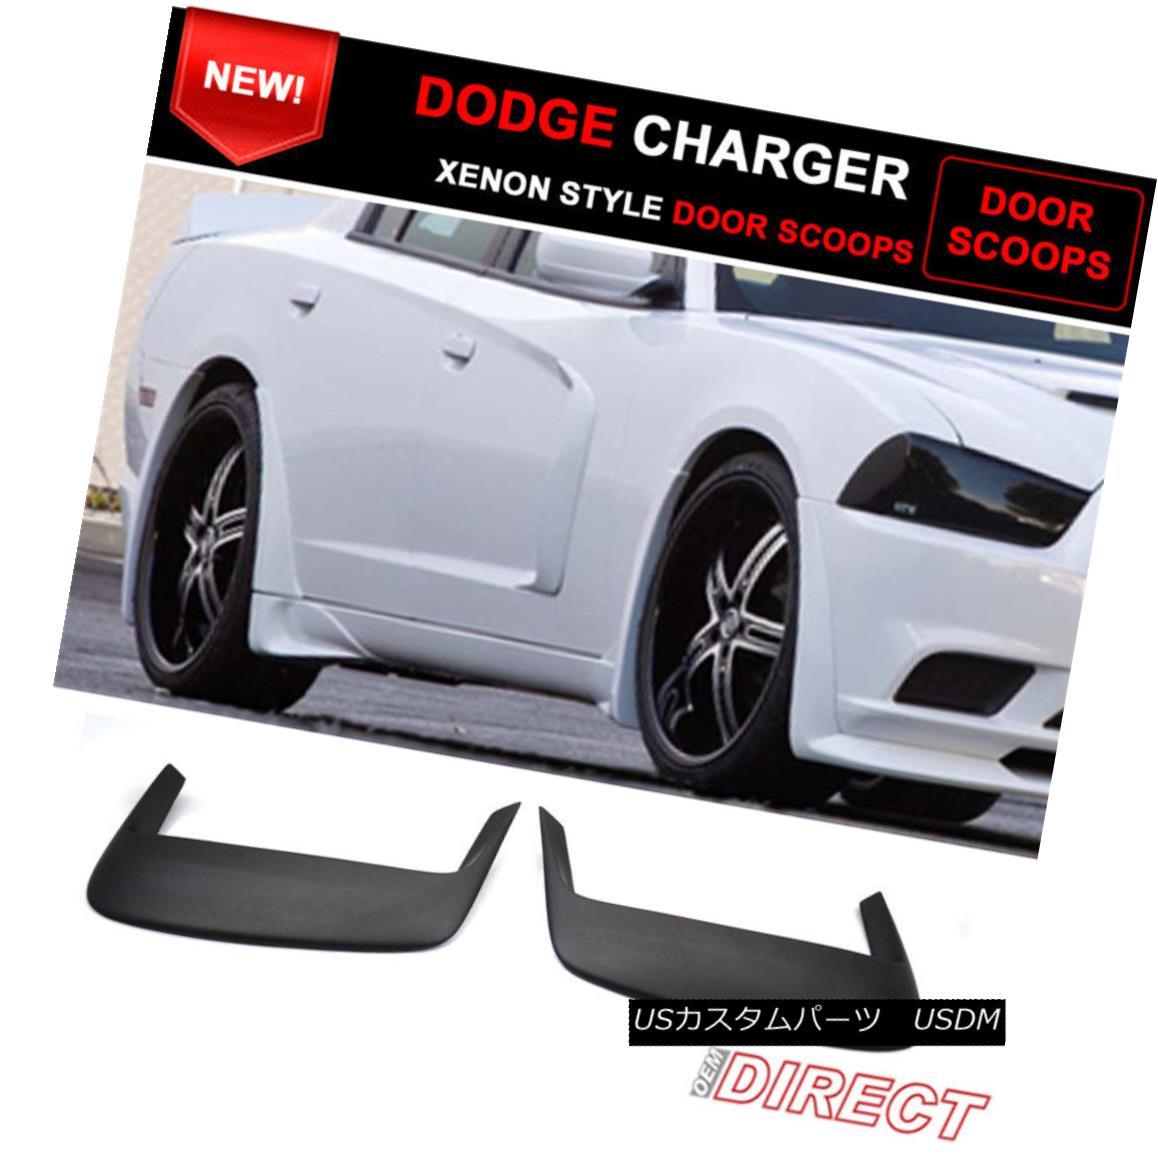 エアロパーツ For 11-15 Dodge Charger EXcept Srt8 Model 2 Piece X Style Door Scoops Unpainted 11-15ダッジチャージャーは除くSrt8モデル2ピースXスタイルドアスクープ未塗装